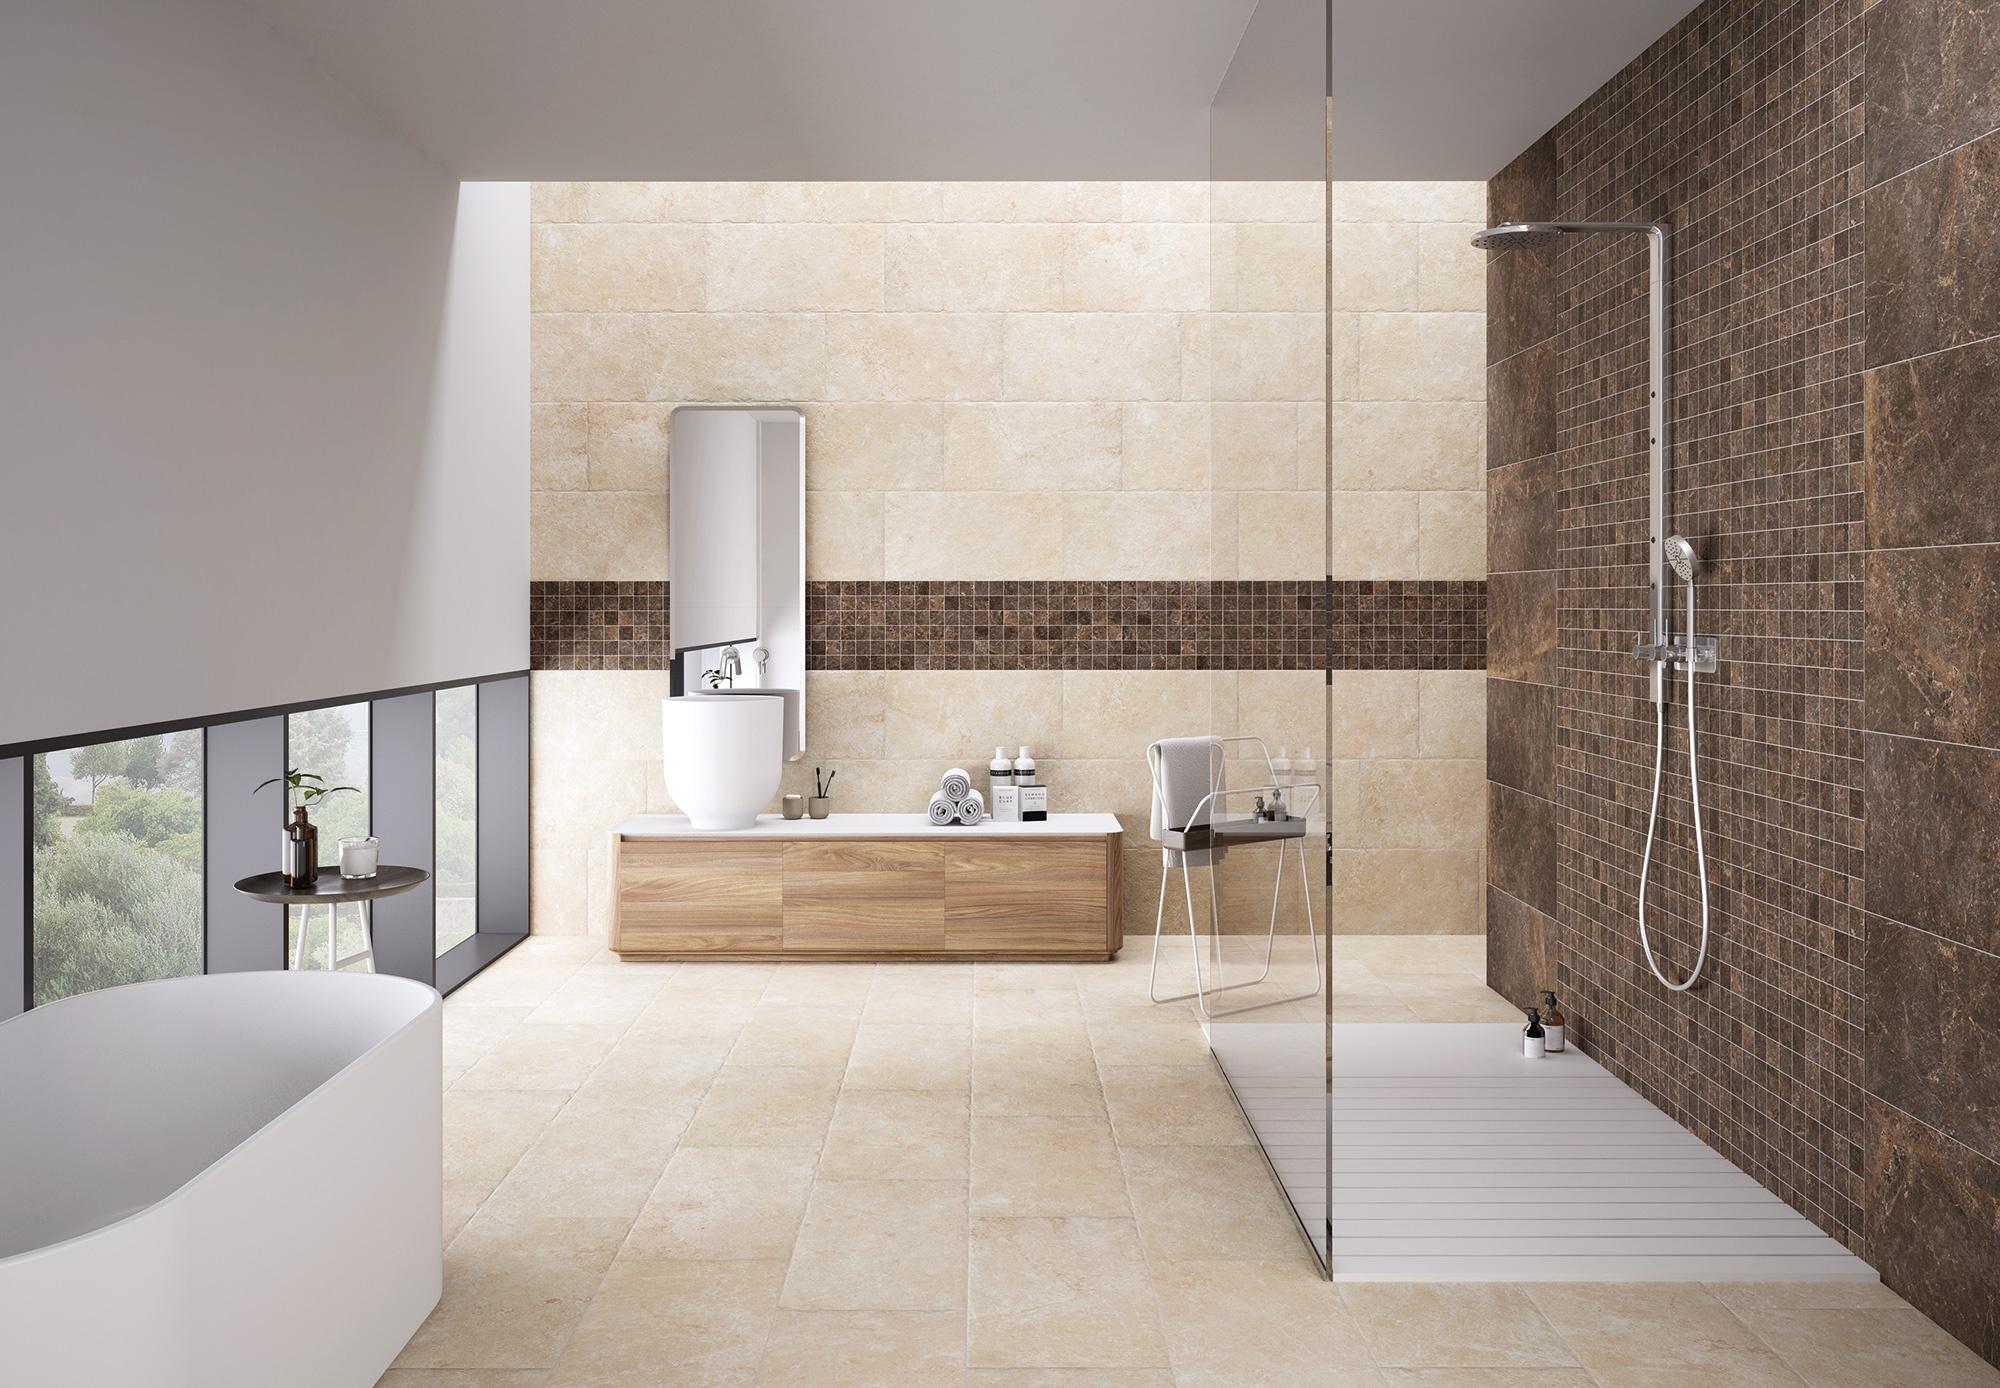 Vloertegel badkamer